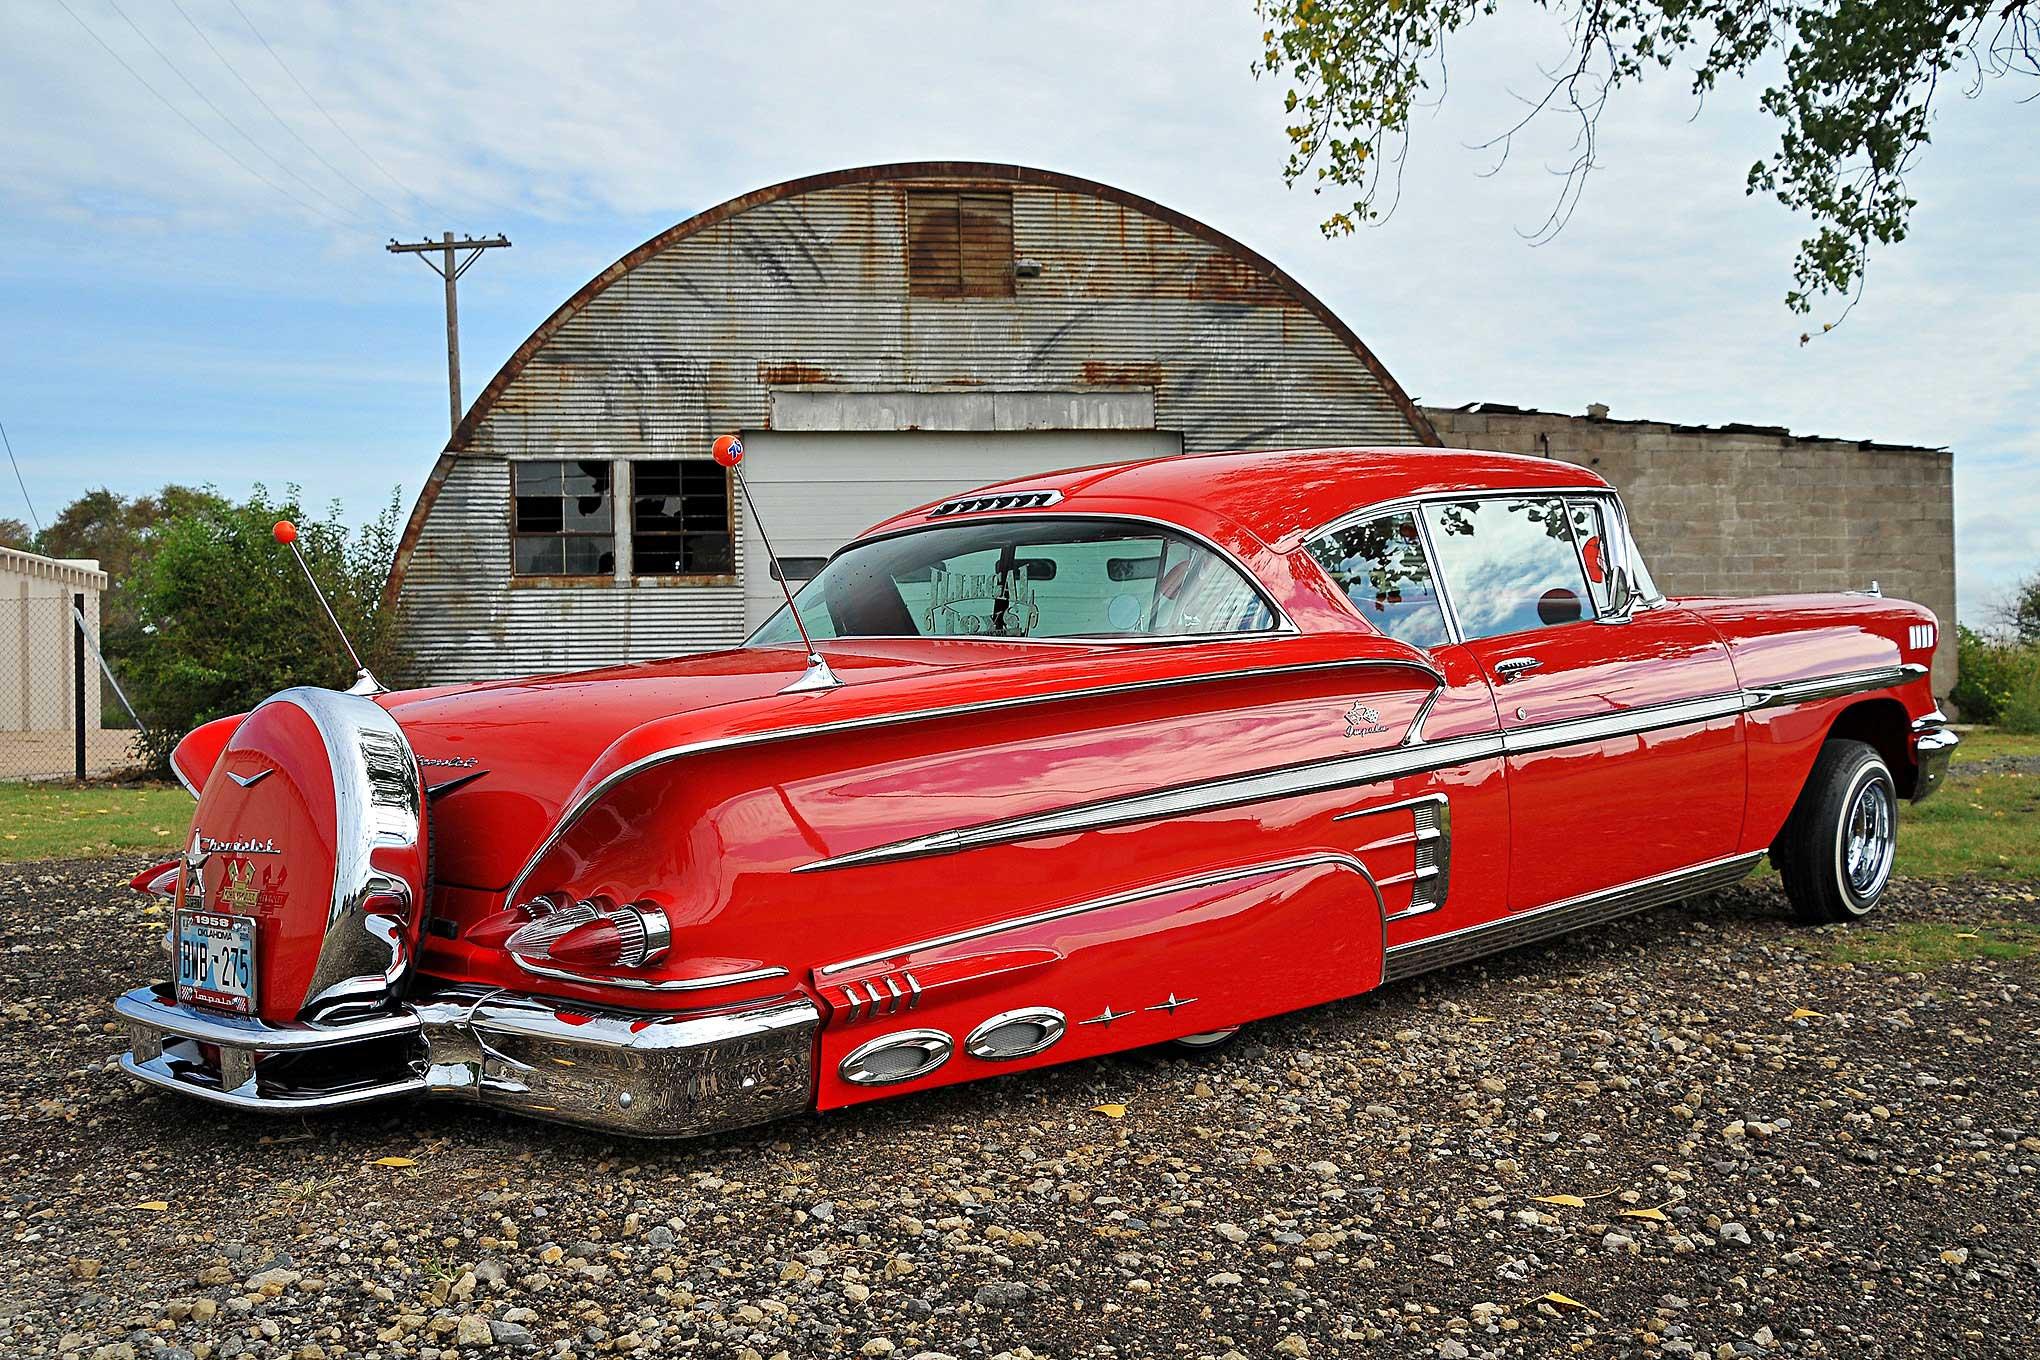 Kekurangan Chevrolet Impala 1958 Tangguh